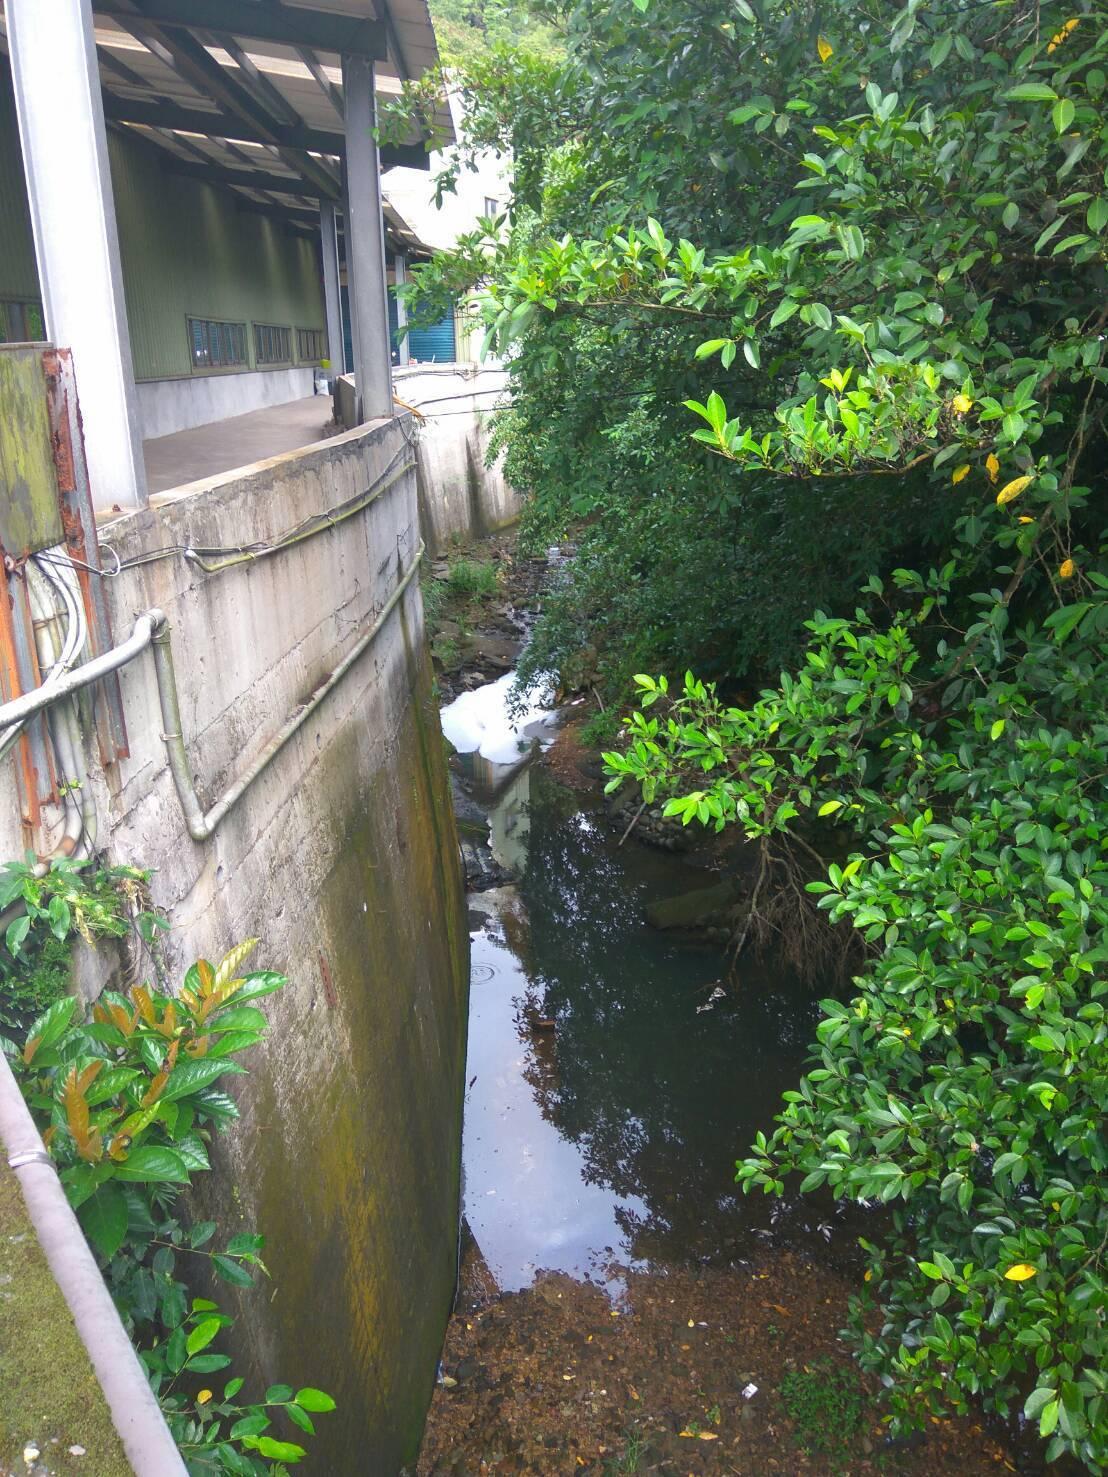 市府環保局派員採樣追查禍首,為上游非工業區範圍內一家廠商,排放呈強酸性清潔液導致...